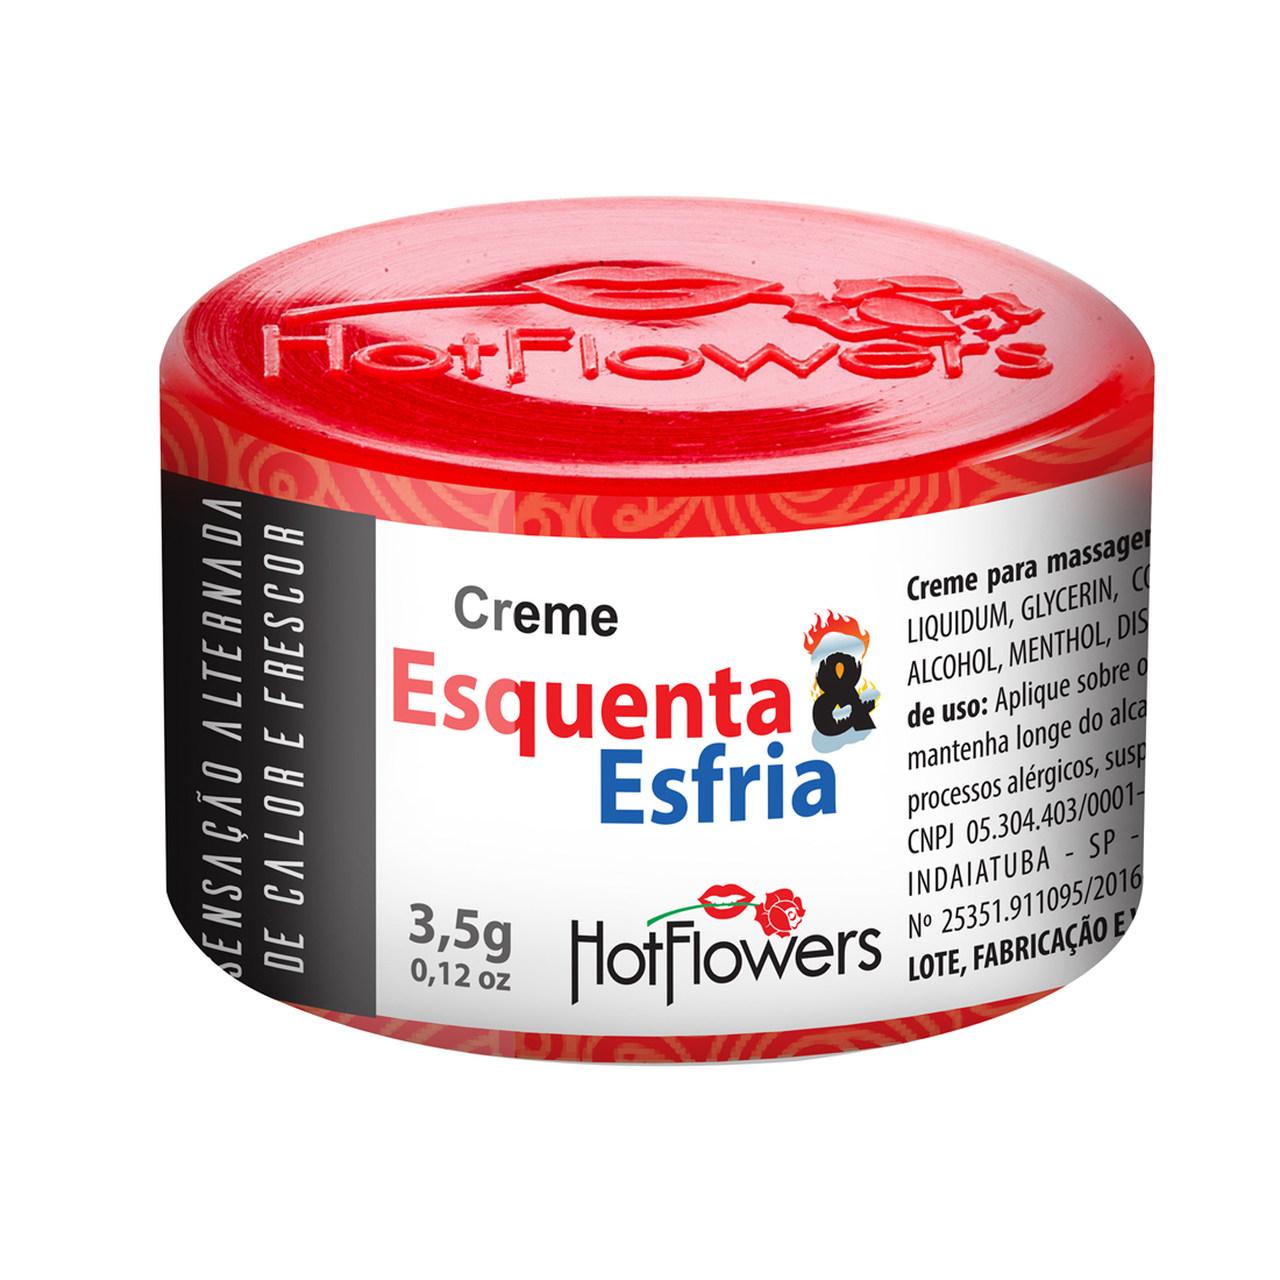 Pomada Esquenta&Esfria - Hot Flowers